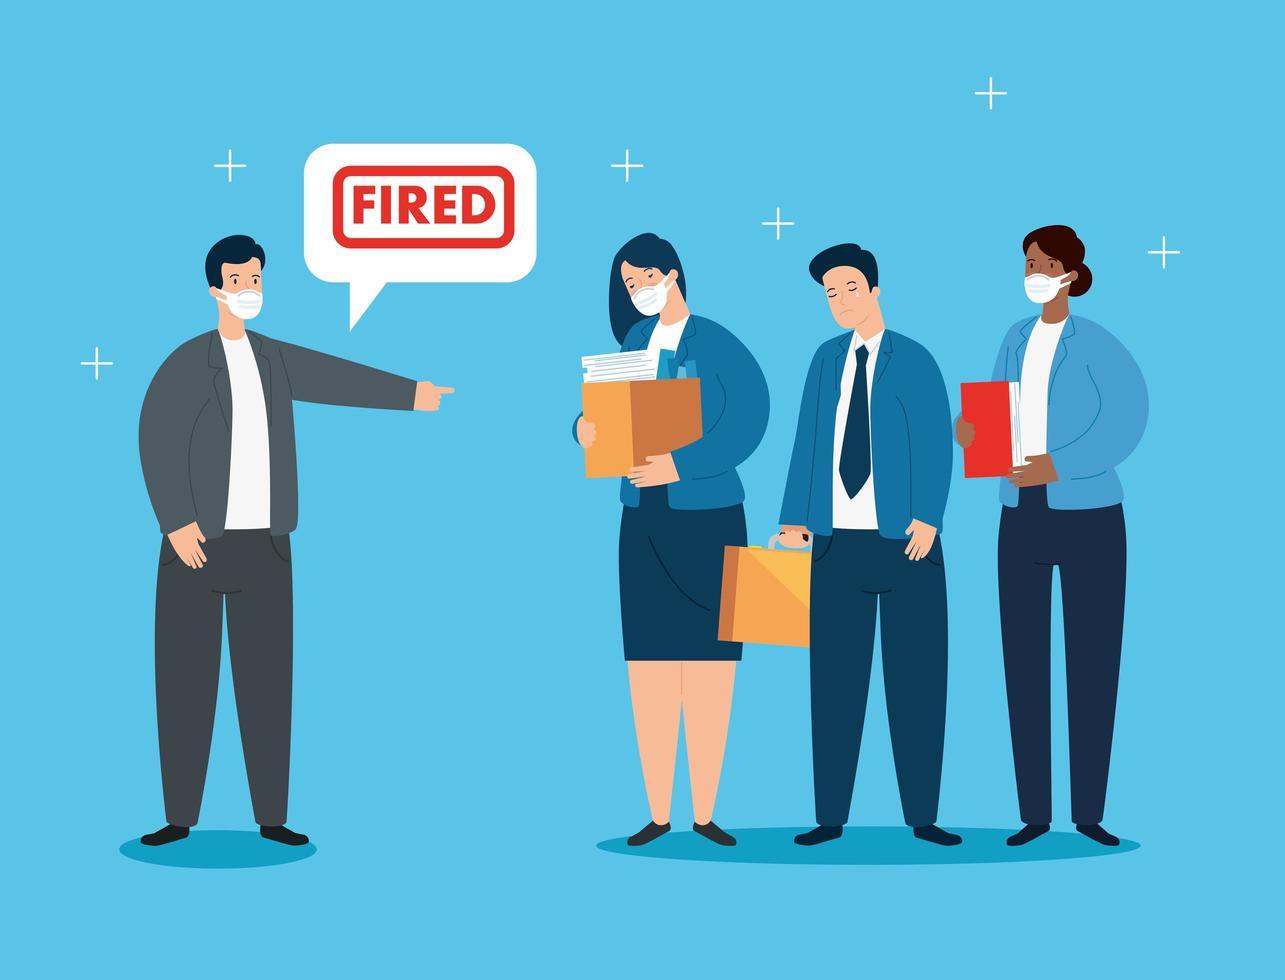 empresários sendo demitidos vetor